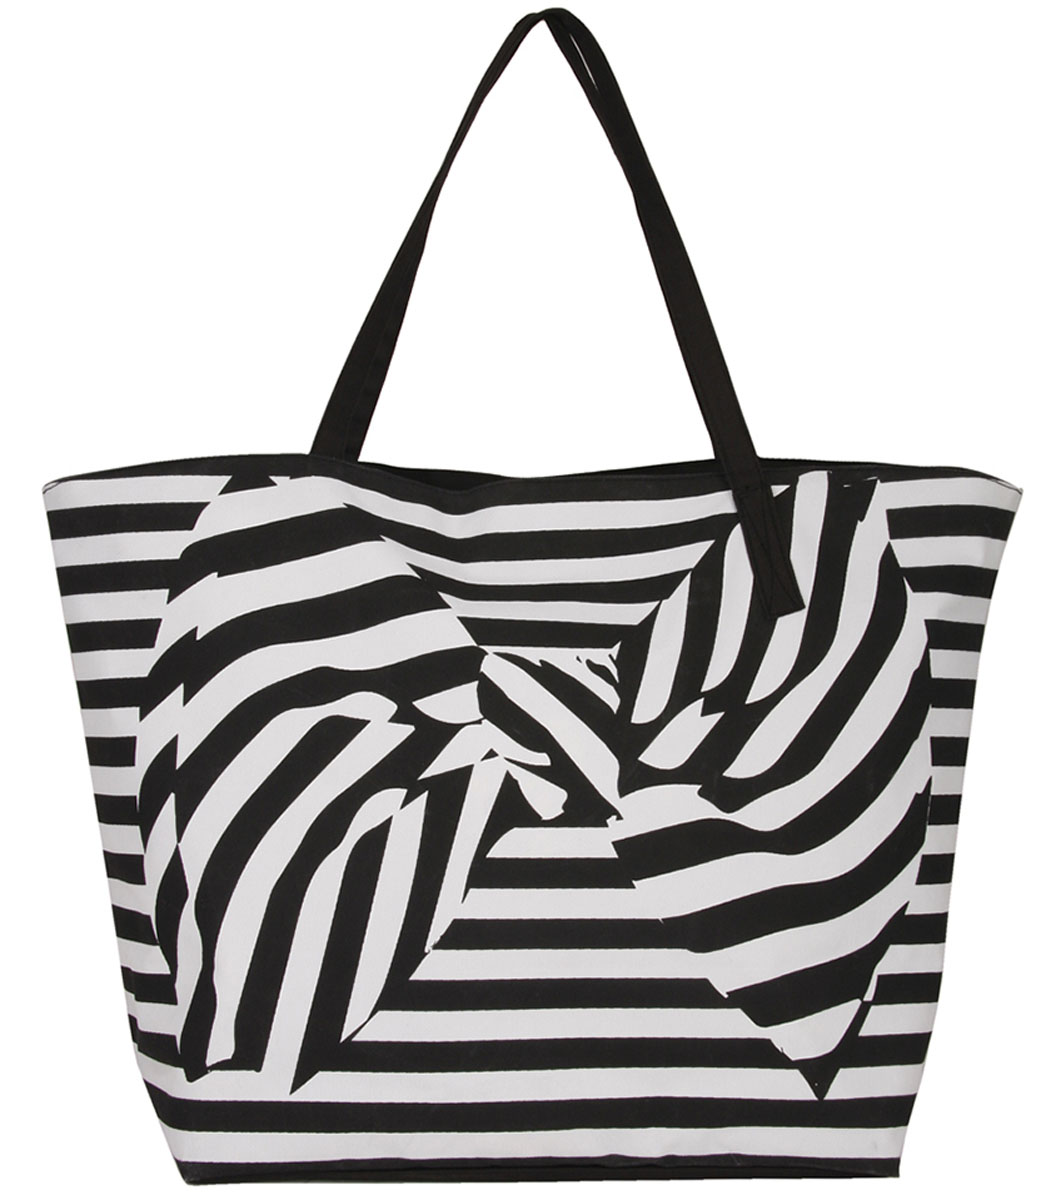 Сумка женская Venera, цвет: черный, белый. 1203256-1KV996OPY/MСтильная сумка Venera выполнена в черно - белом цвете из качественного полиэстера. Изделие декорировано бантом и полосатым принтом. Удобный аксессуар для пляжного отдыха и для прогулок.